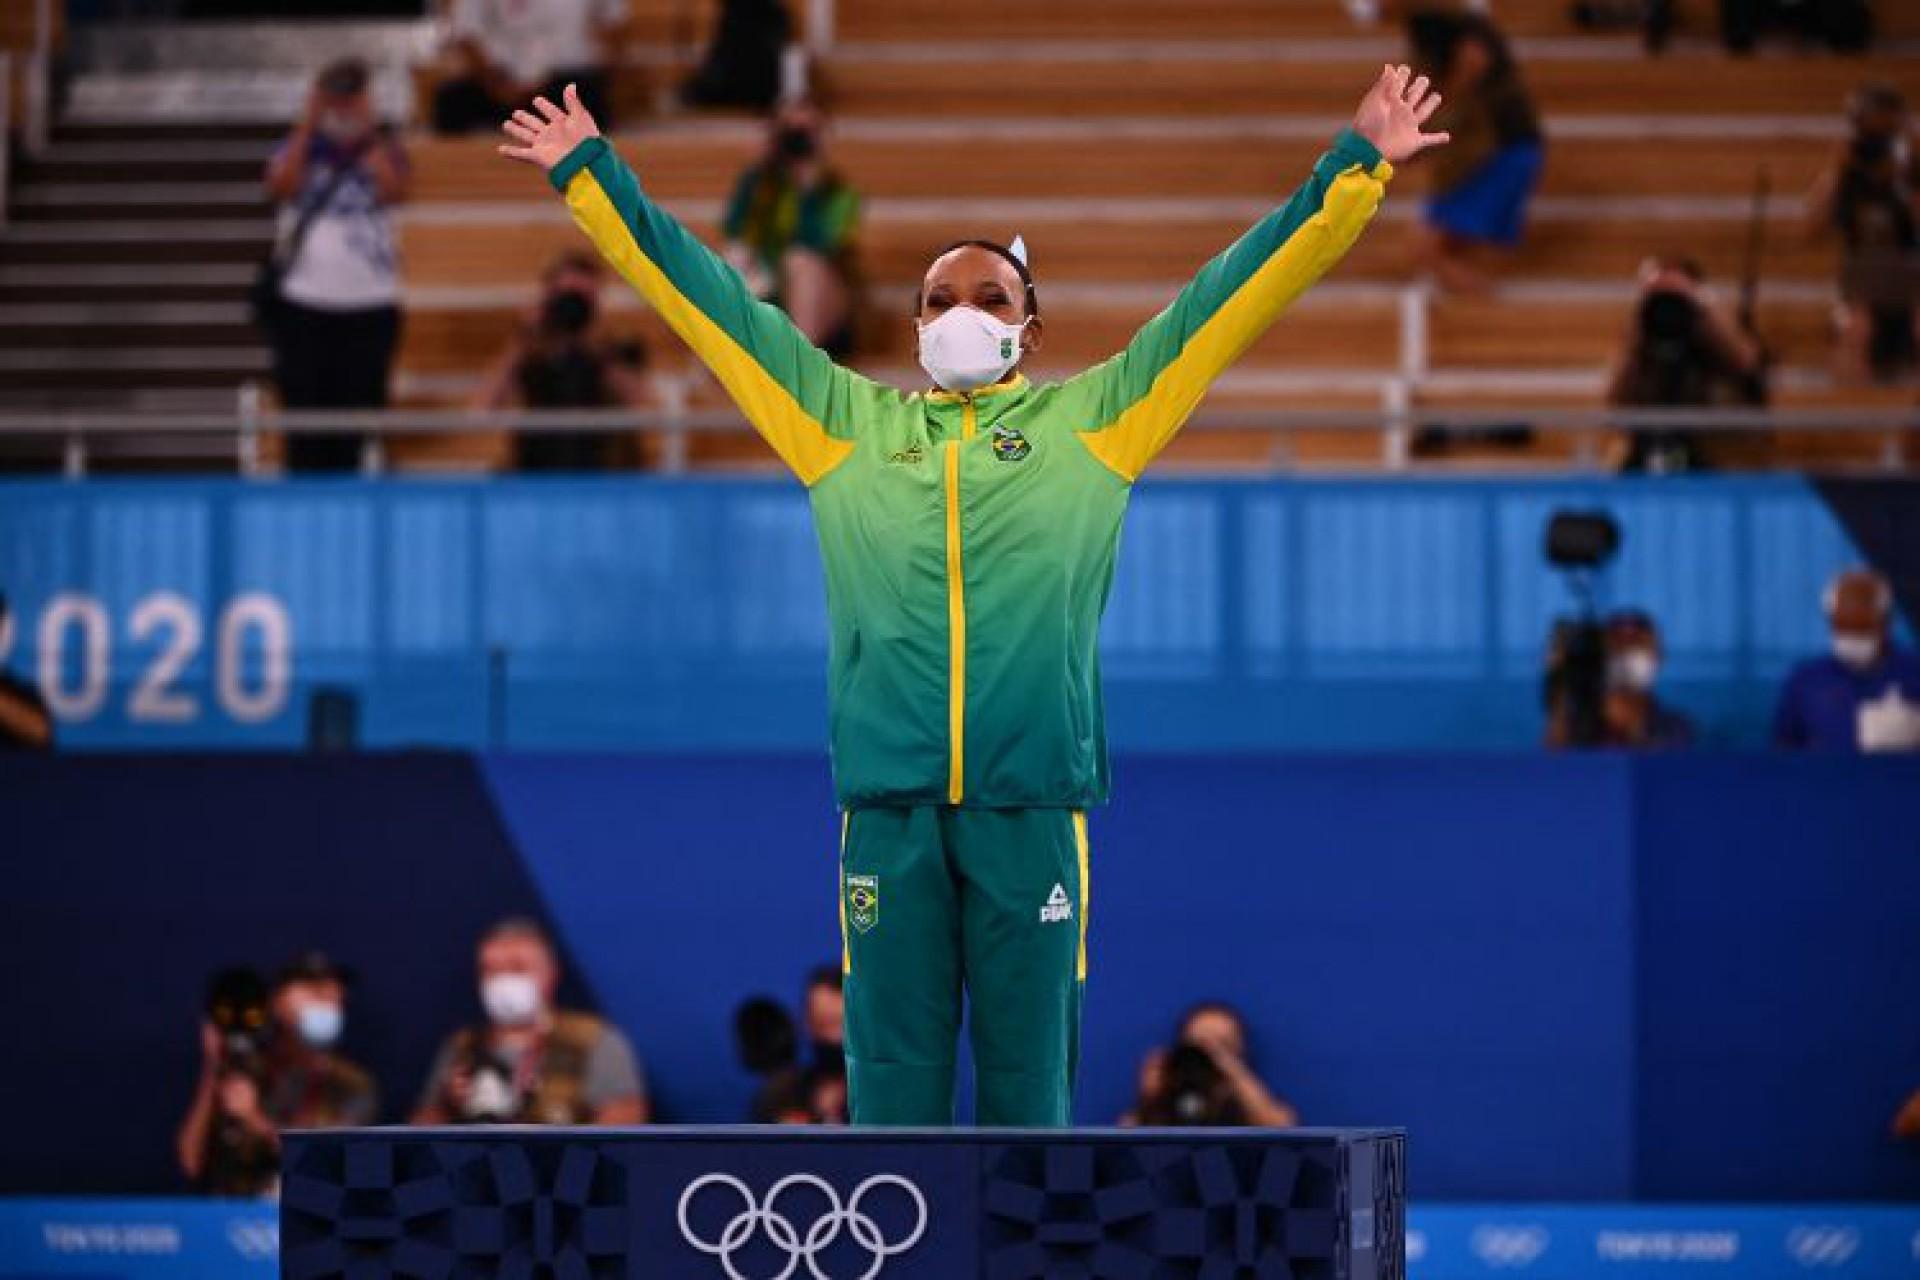 Rebeca Andrade é a maior campeã brasileira em Tóquio, somando duas medalhas: uma de ouro e outra de prata (Foto: Loic VENANCE / AFP)